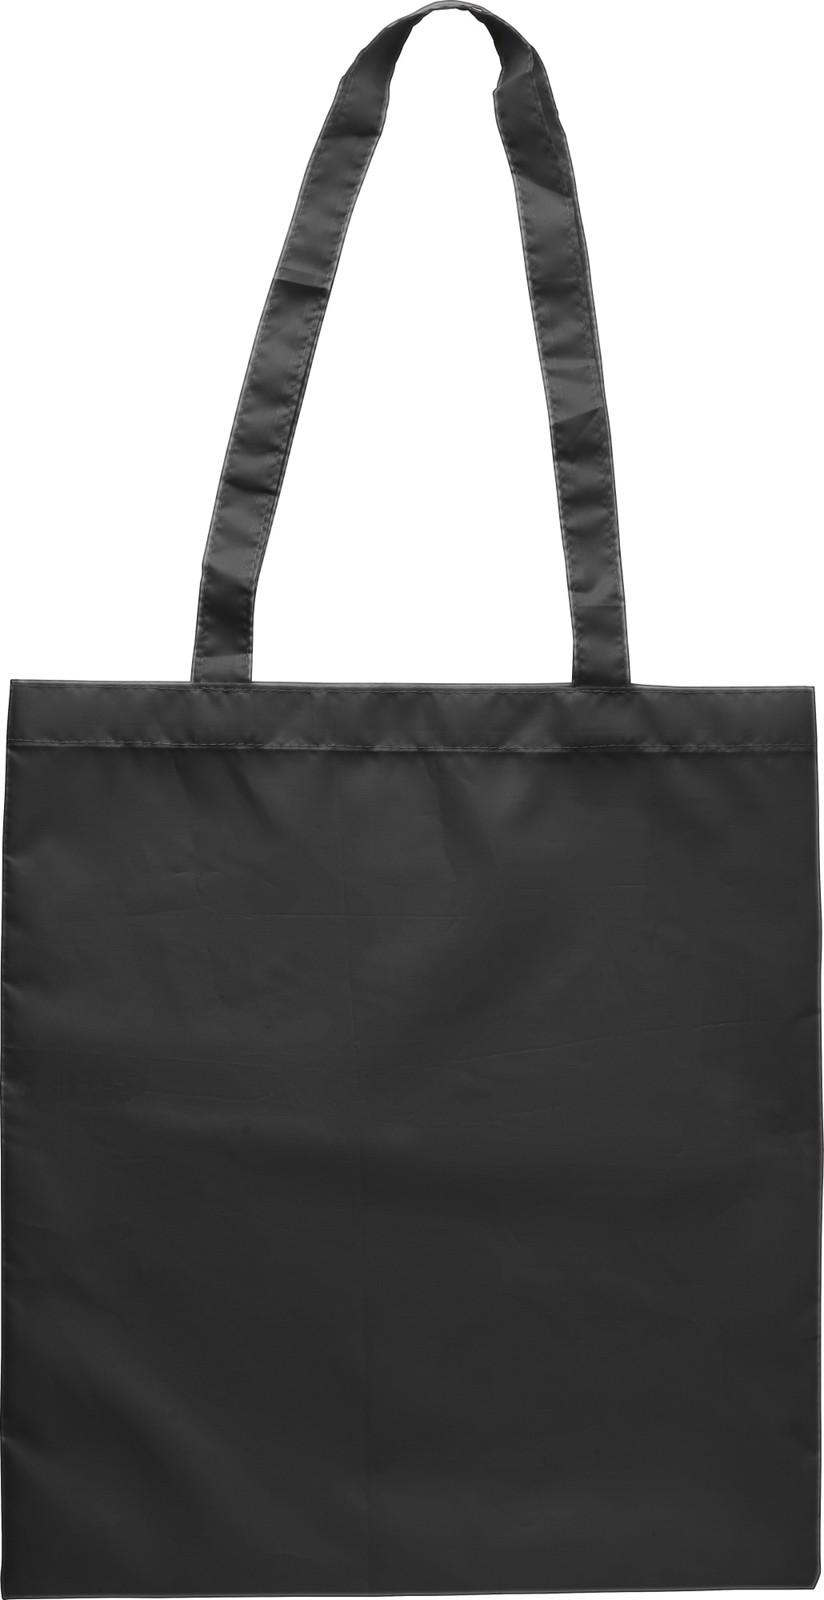 Bolsa de poliéster 190T RPET - Black